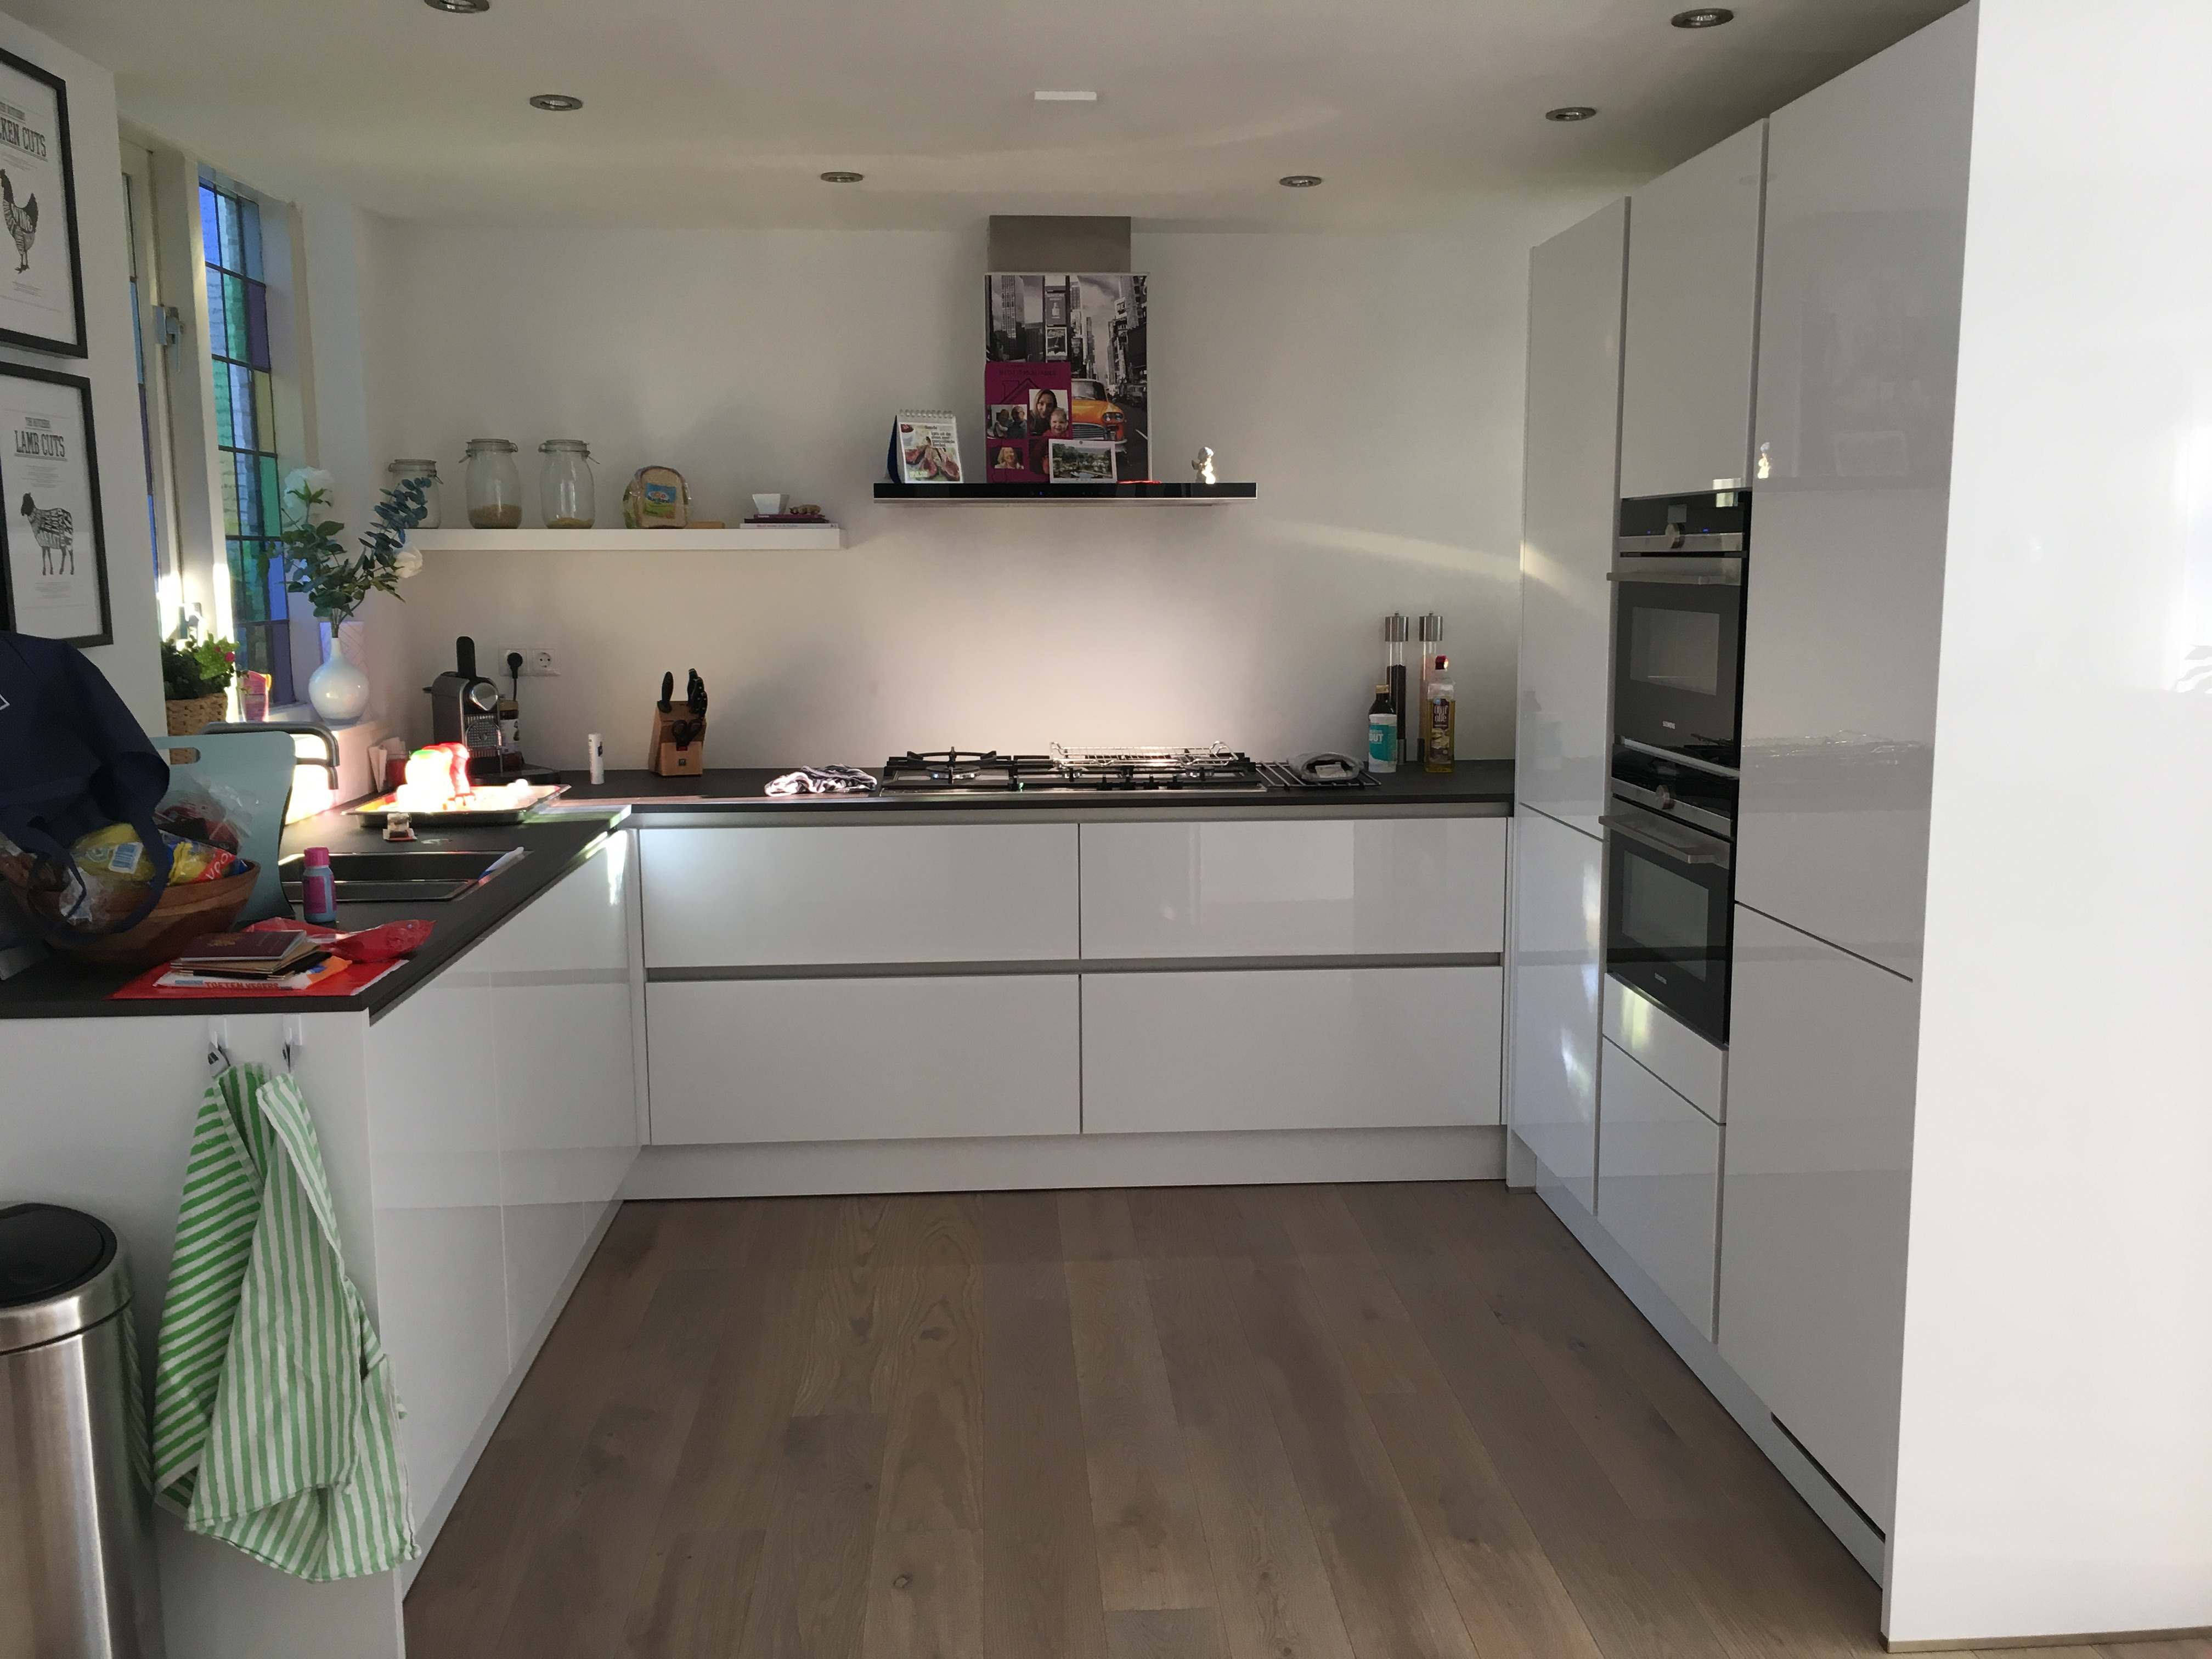 keuken carrousel le mans prijs : Tweakers Keuken Showroom Vestiging 1 Wonen Verbouwen Got